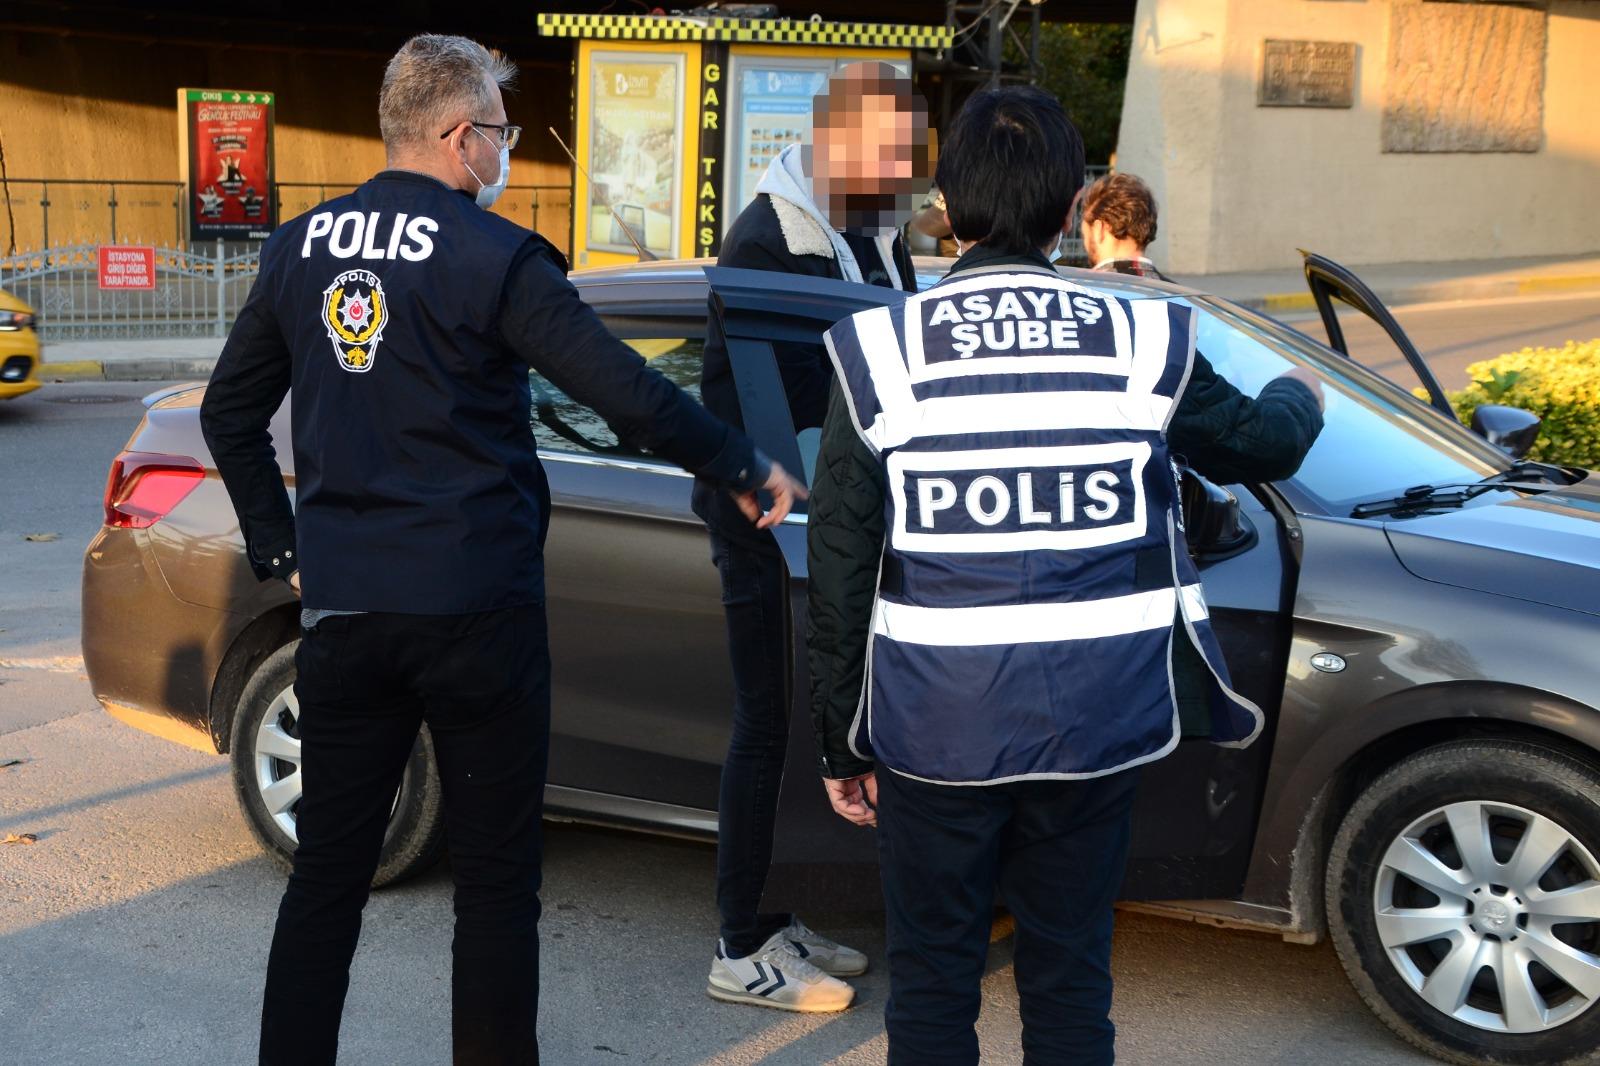 Güven Huzur Uygulanmasında: 5 bin 672 kişi sorgulandı